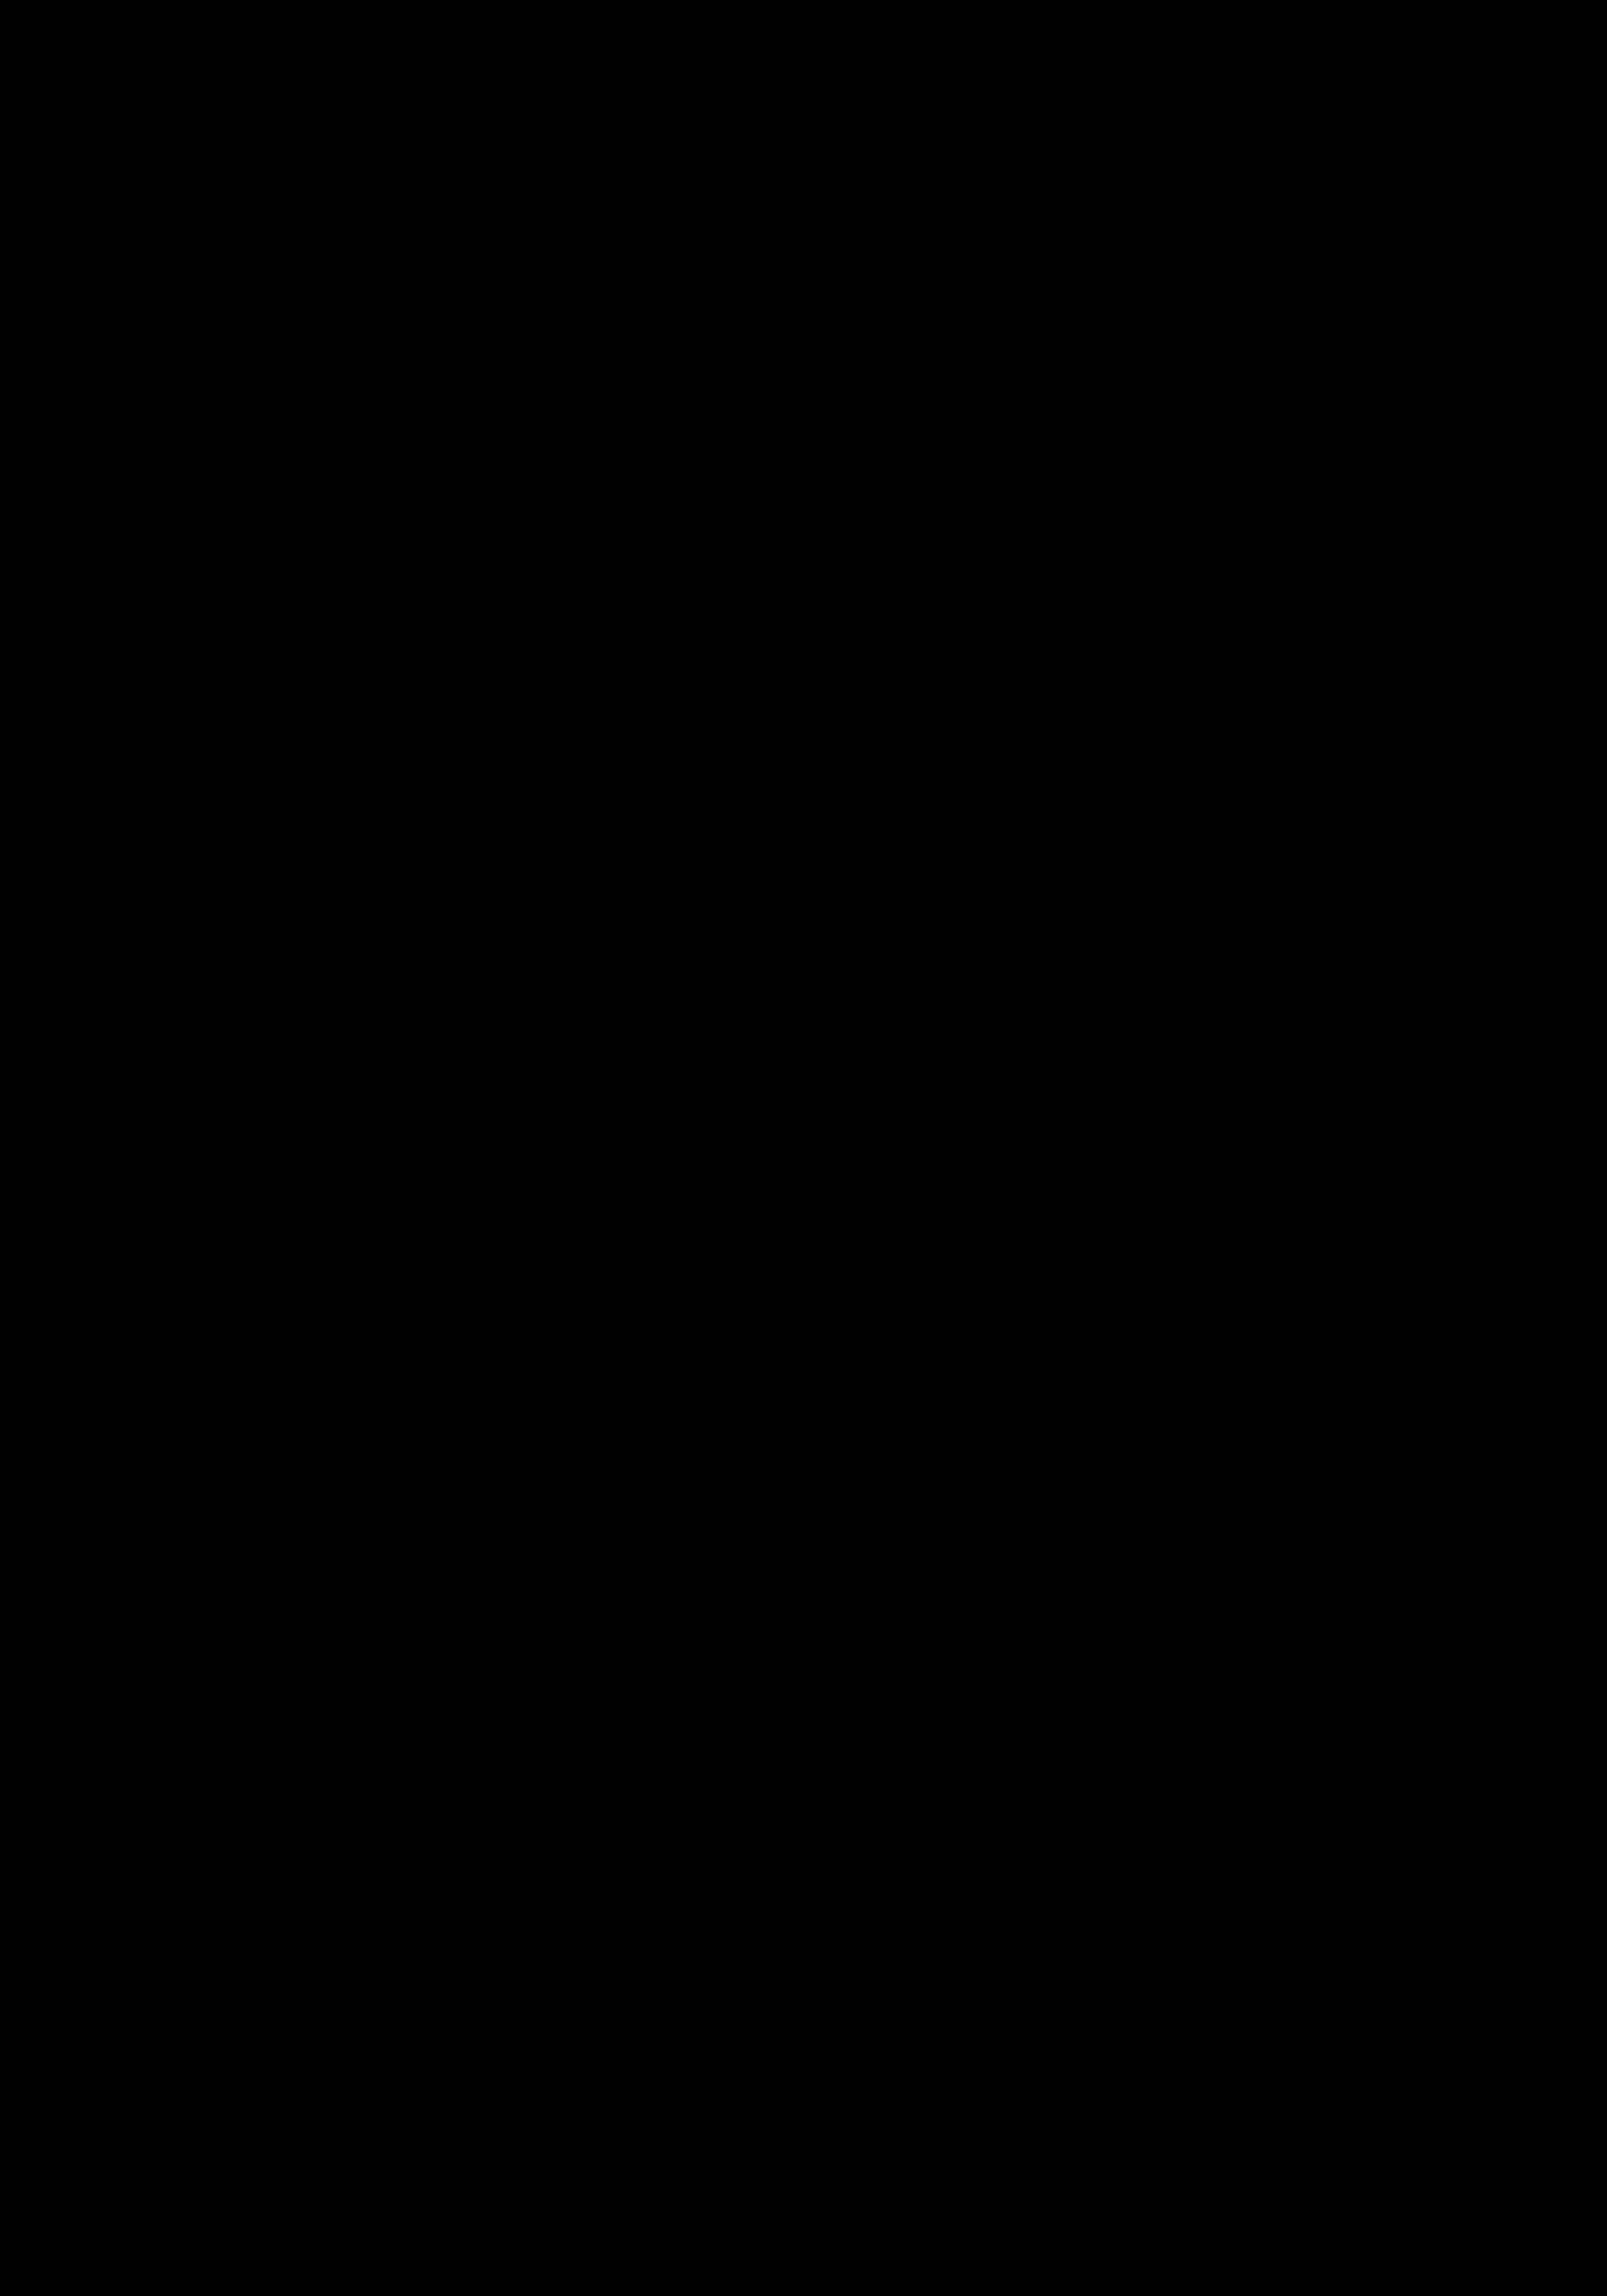 Locandina dei climatizzatori serigrafati a marchio Ecoclima